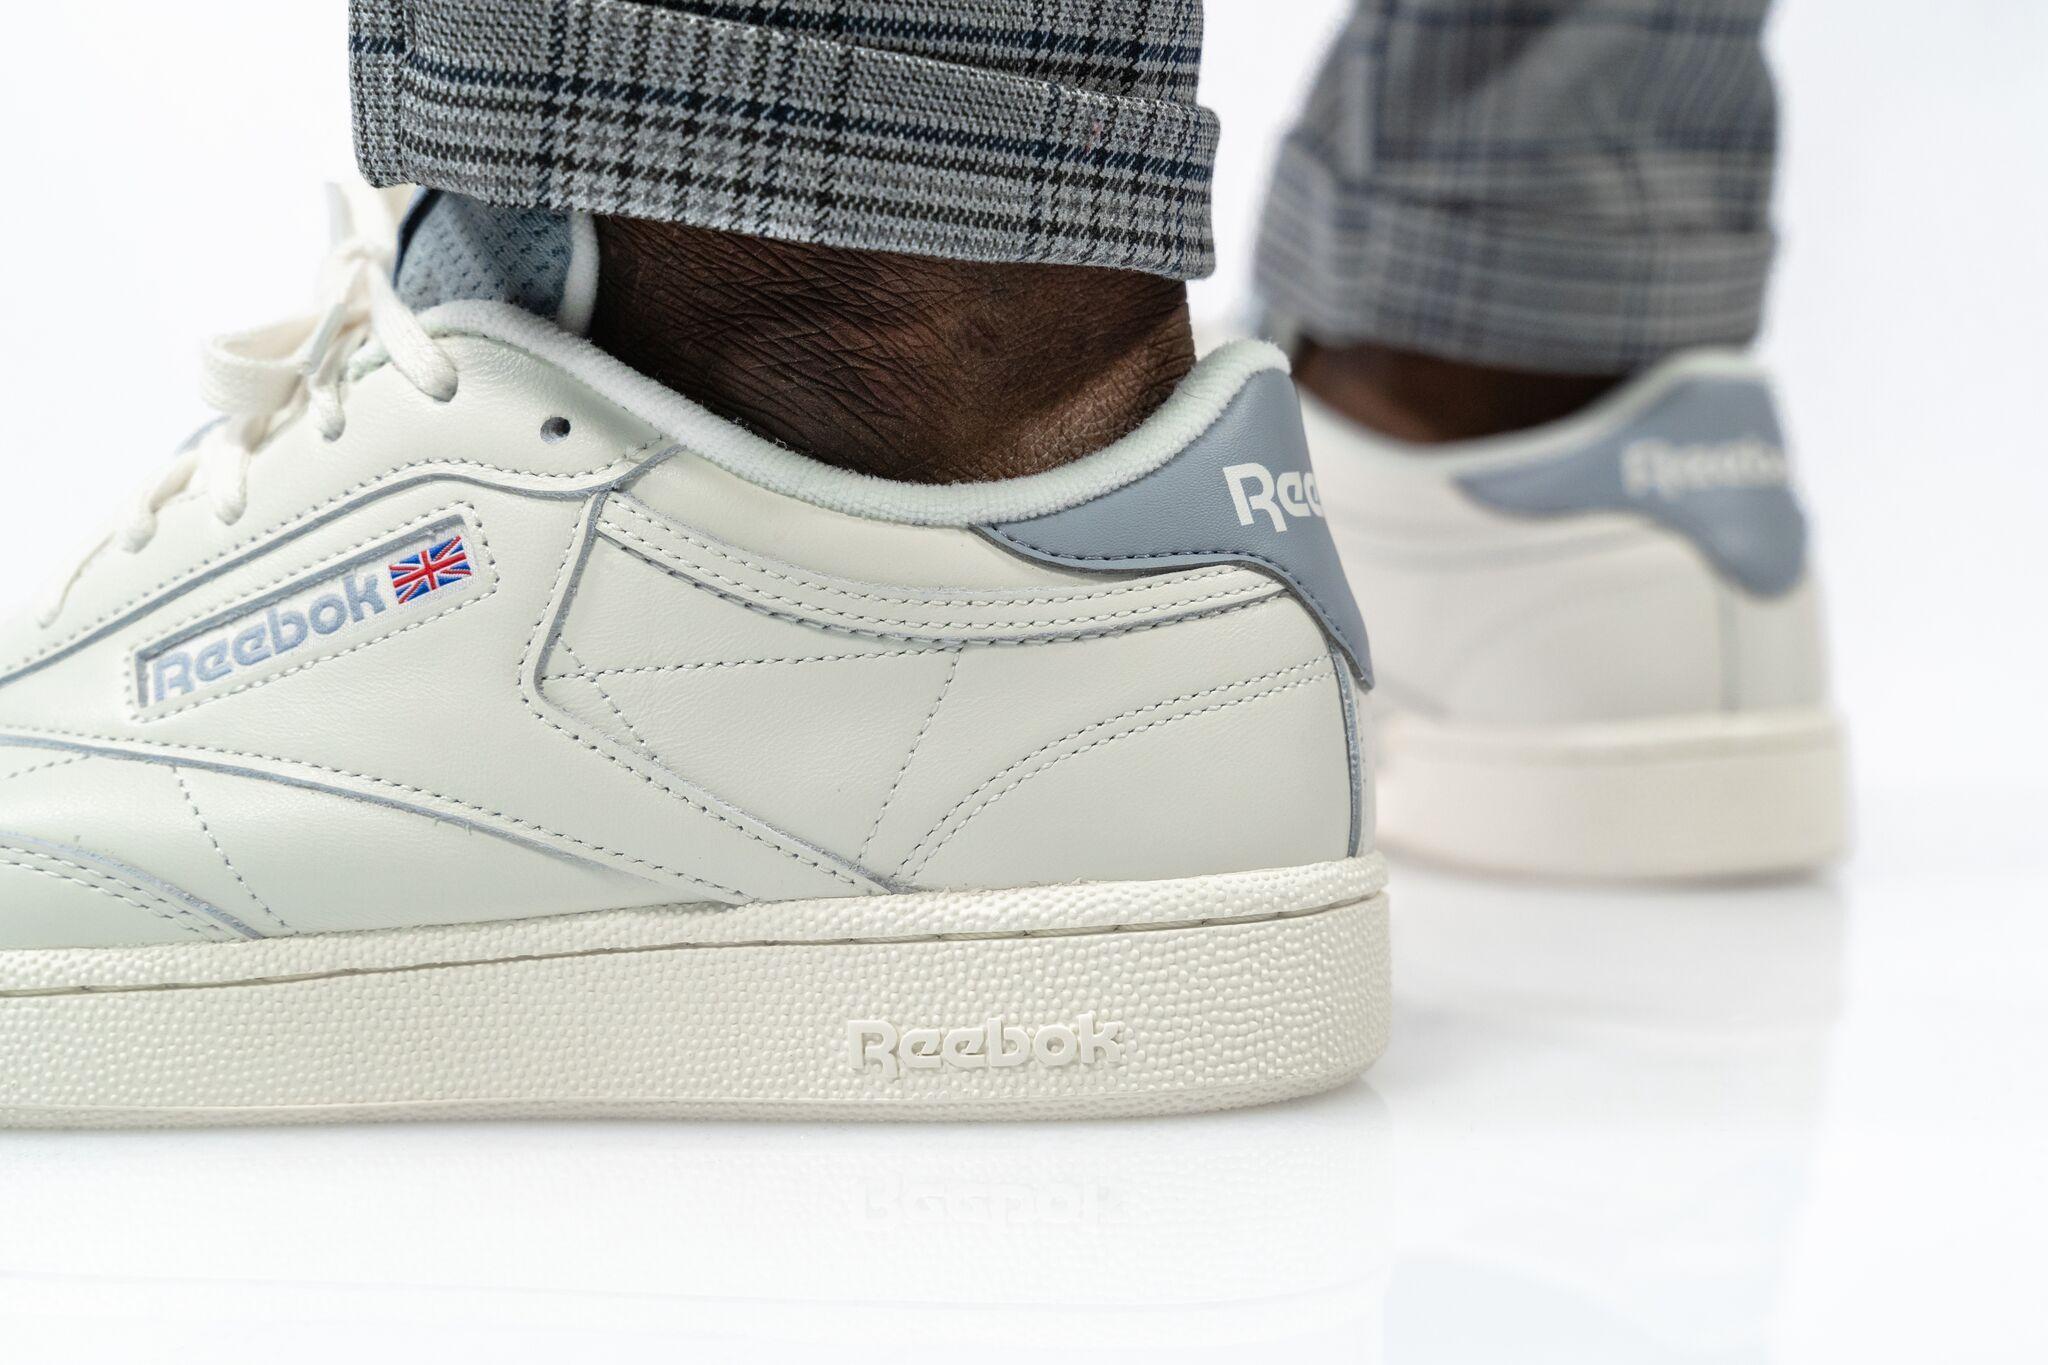 sneaker #fashion #outfits #herren #männer #reebok #schuhe